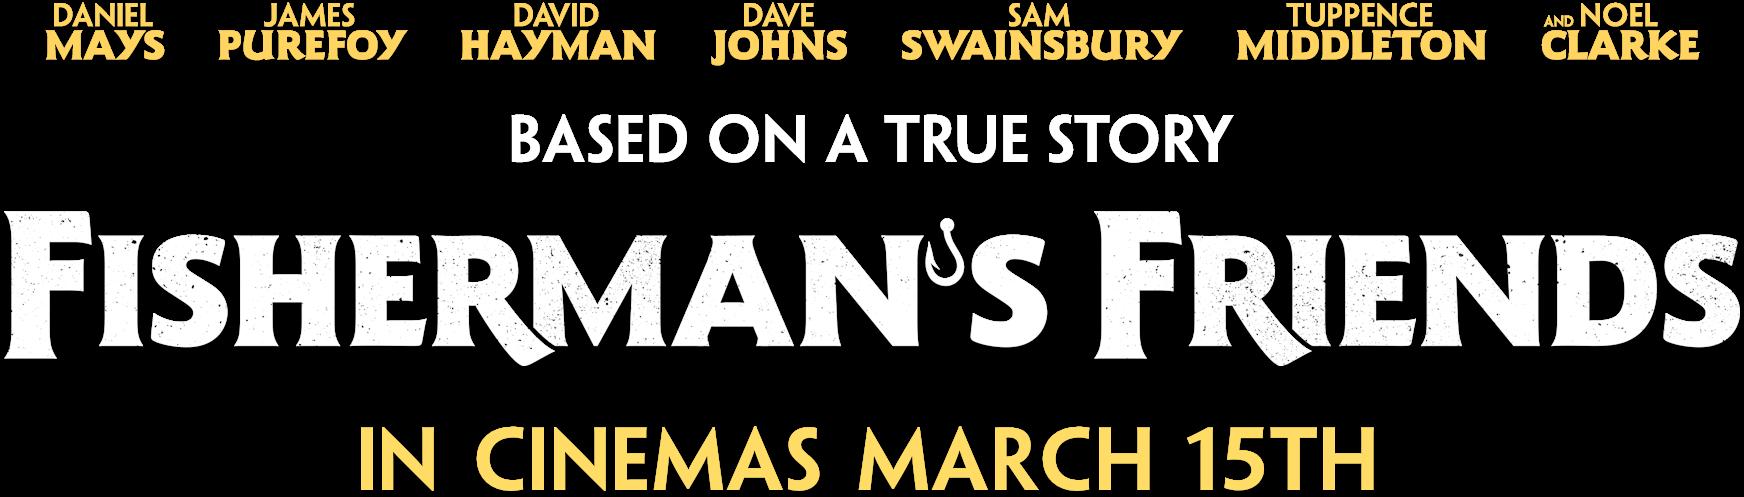 Fisherman's Friends: Videos | Entertainment Films